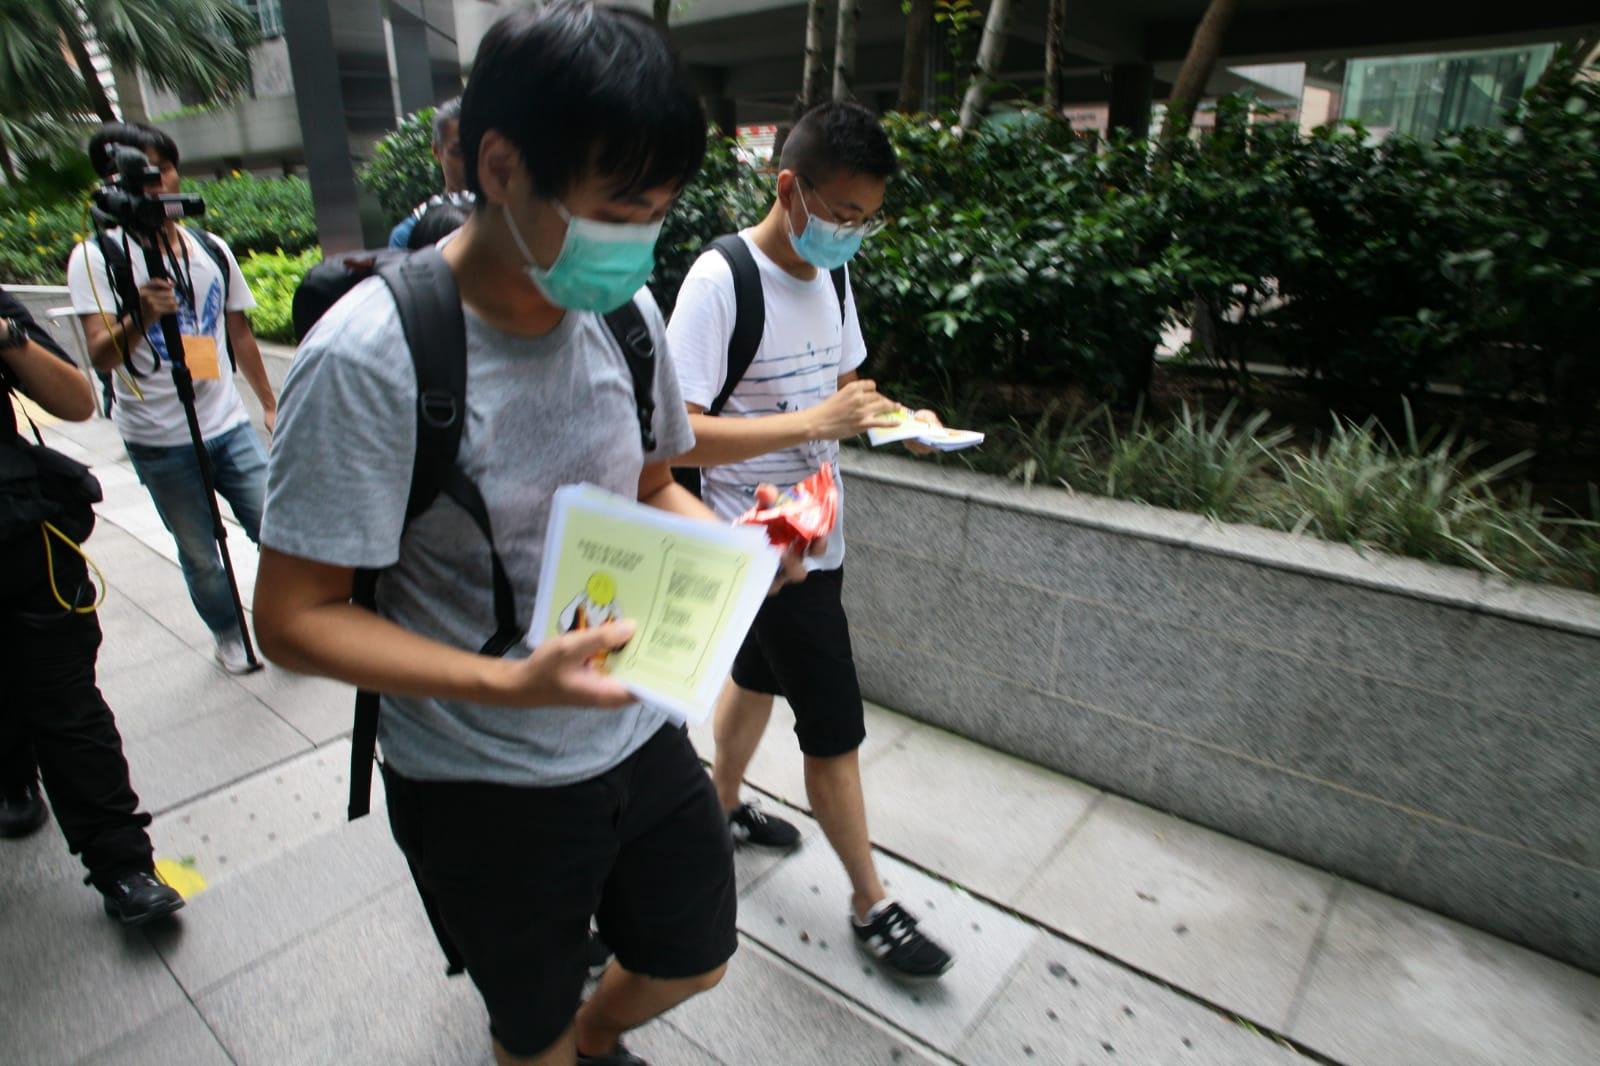 示威者派傳單向市民道歉。